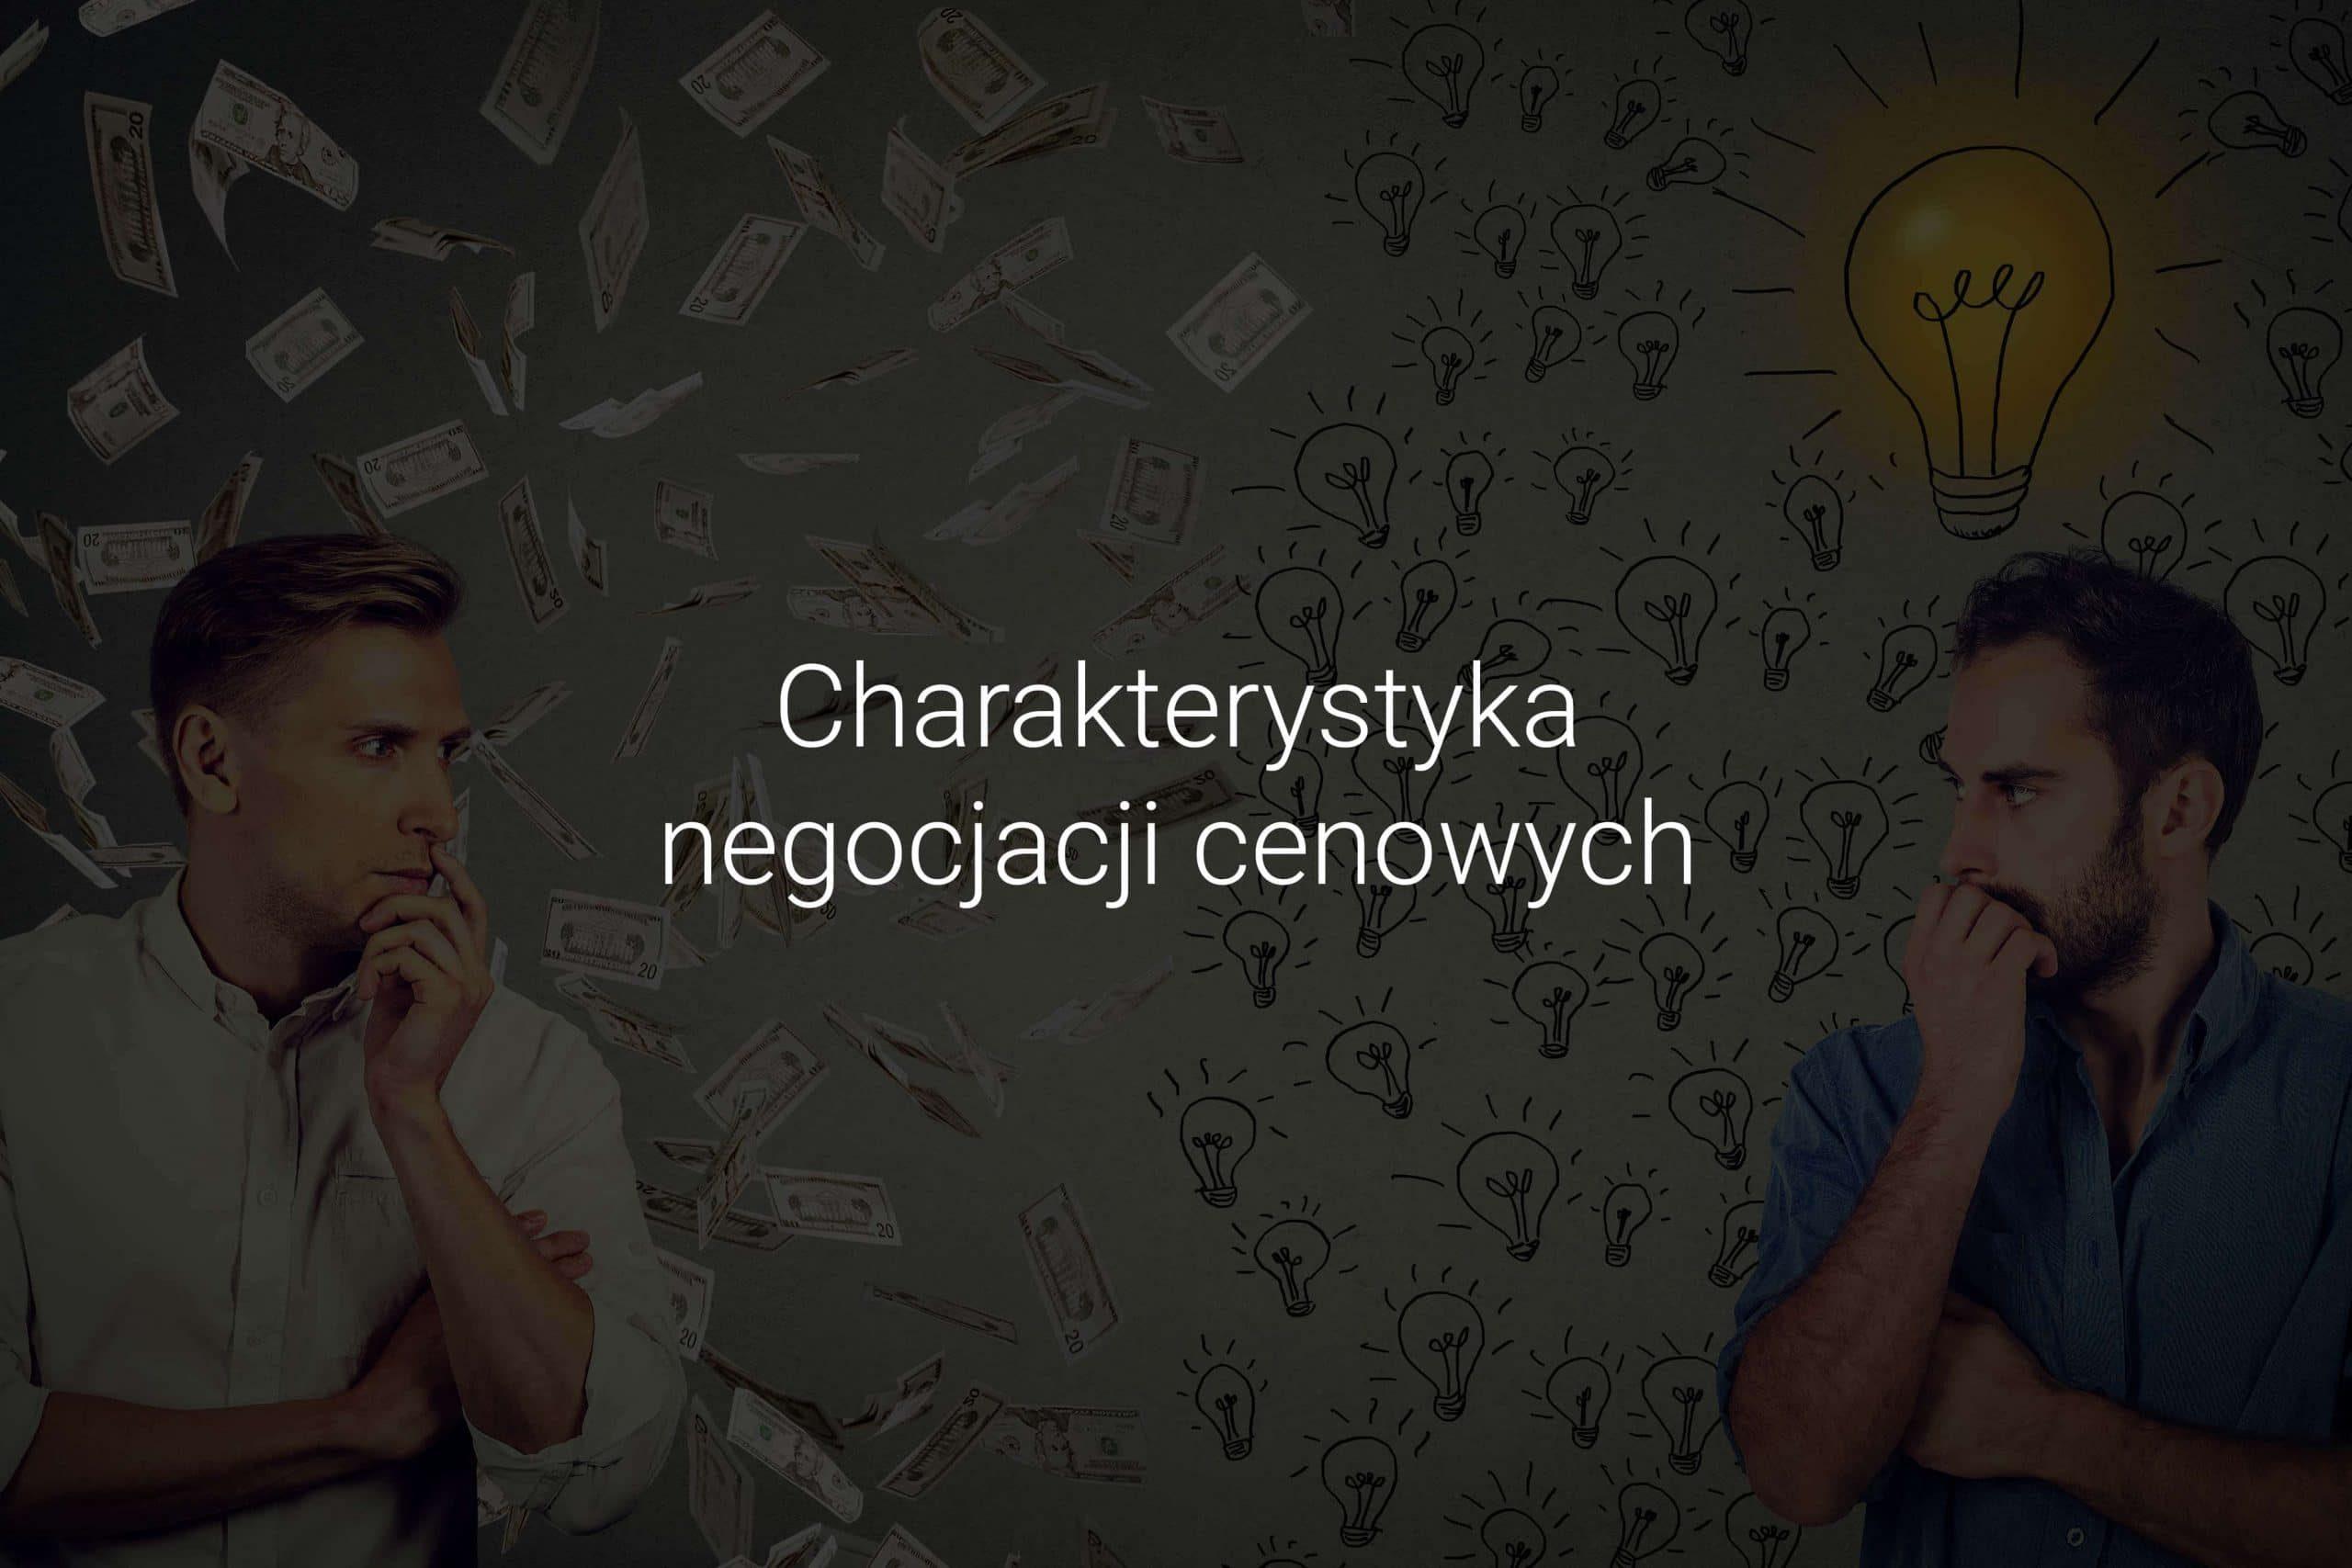 Charakterystyka negocjacji cenowych - warsztaty biznesowe Eveneum